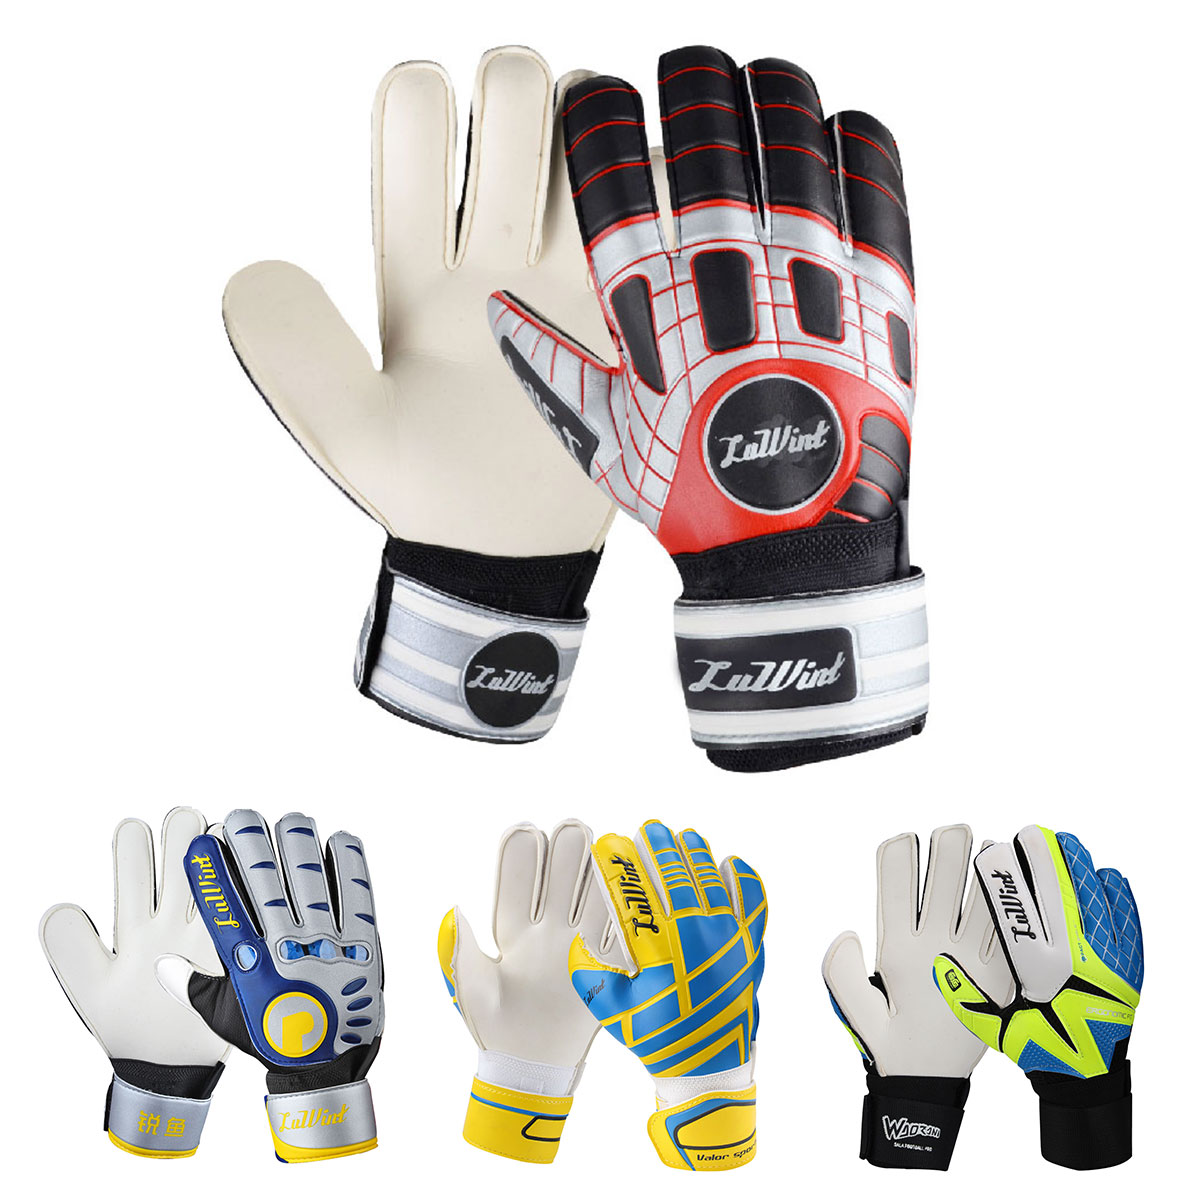 包邮 8-10号 足球守门员手套 正品带护指门将手套 运动龙门手套